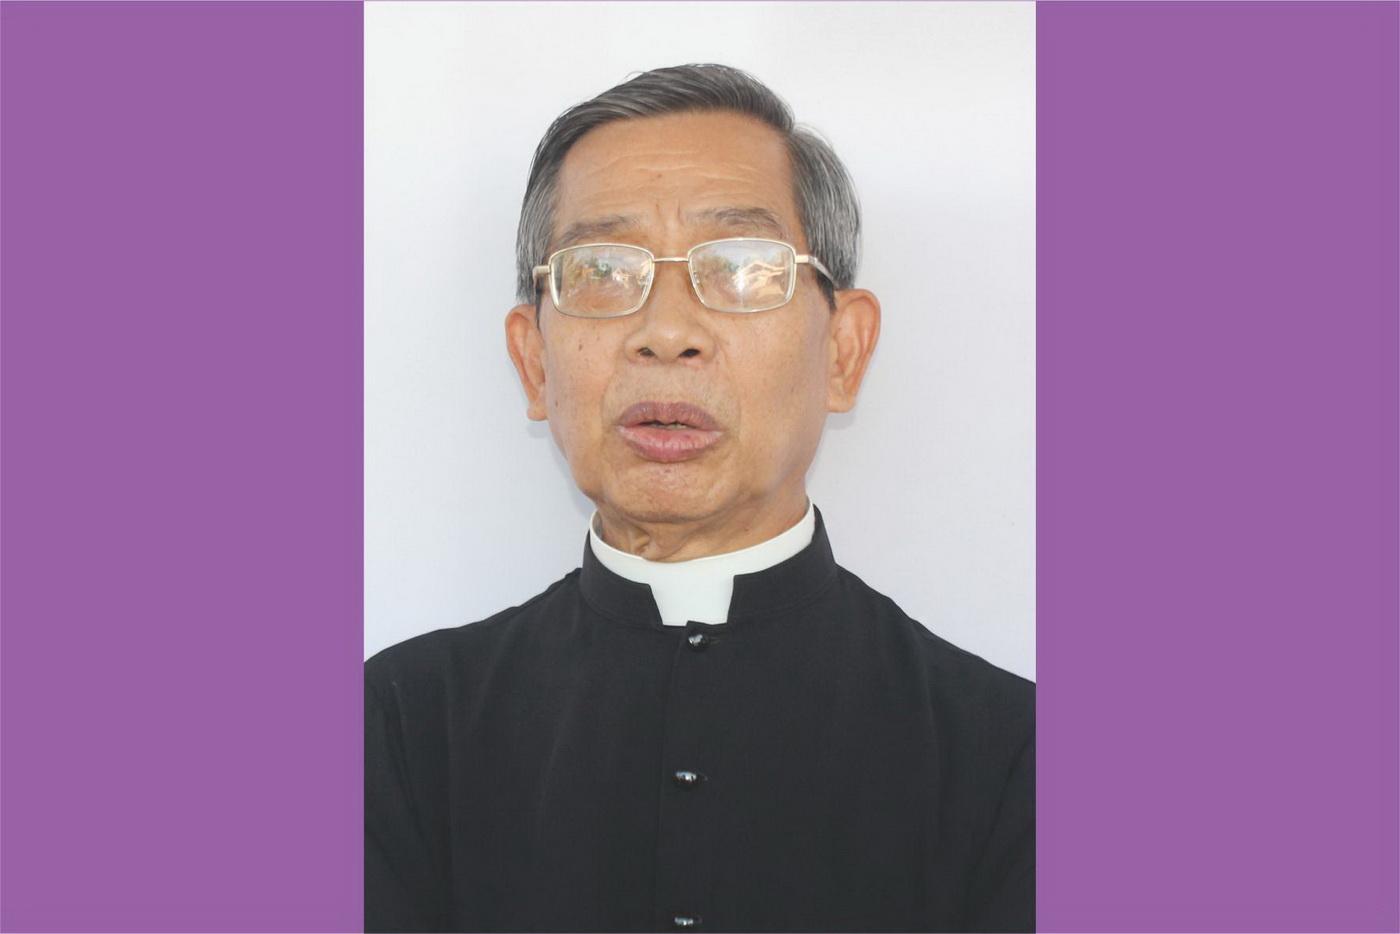 CÁO PHÓ: Lm. PX. Nguyễn Kim Long